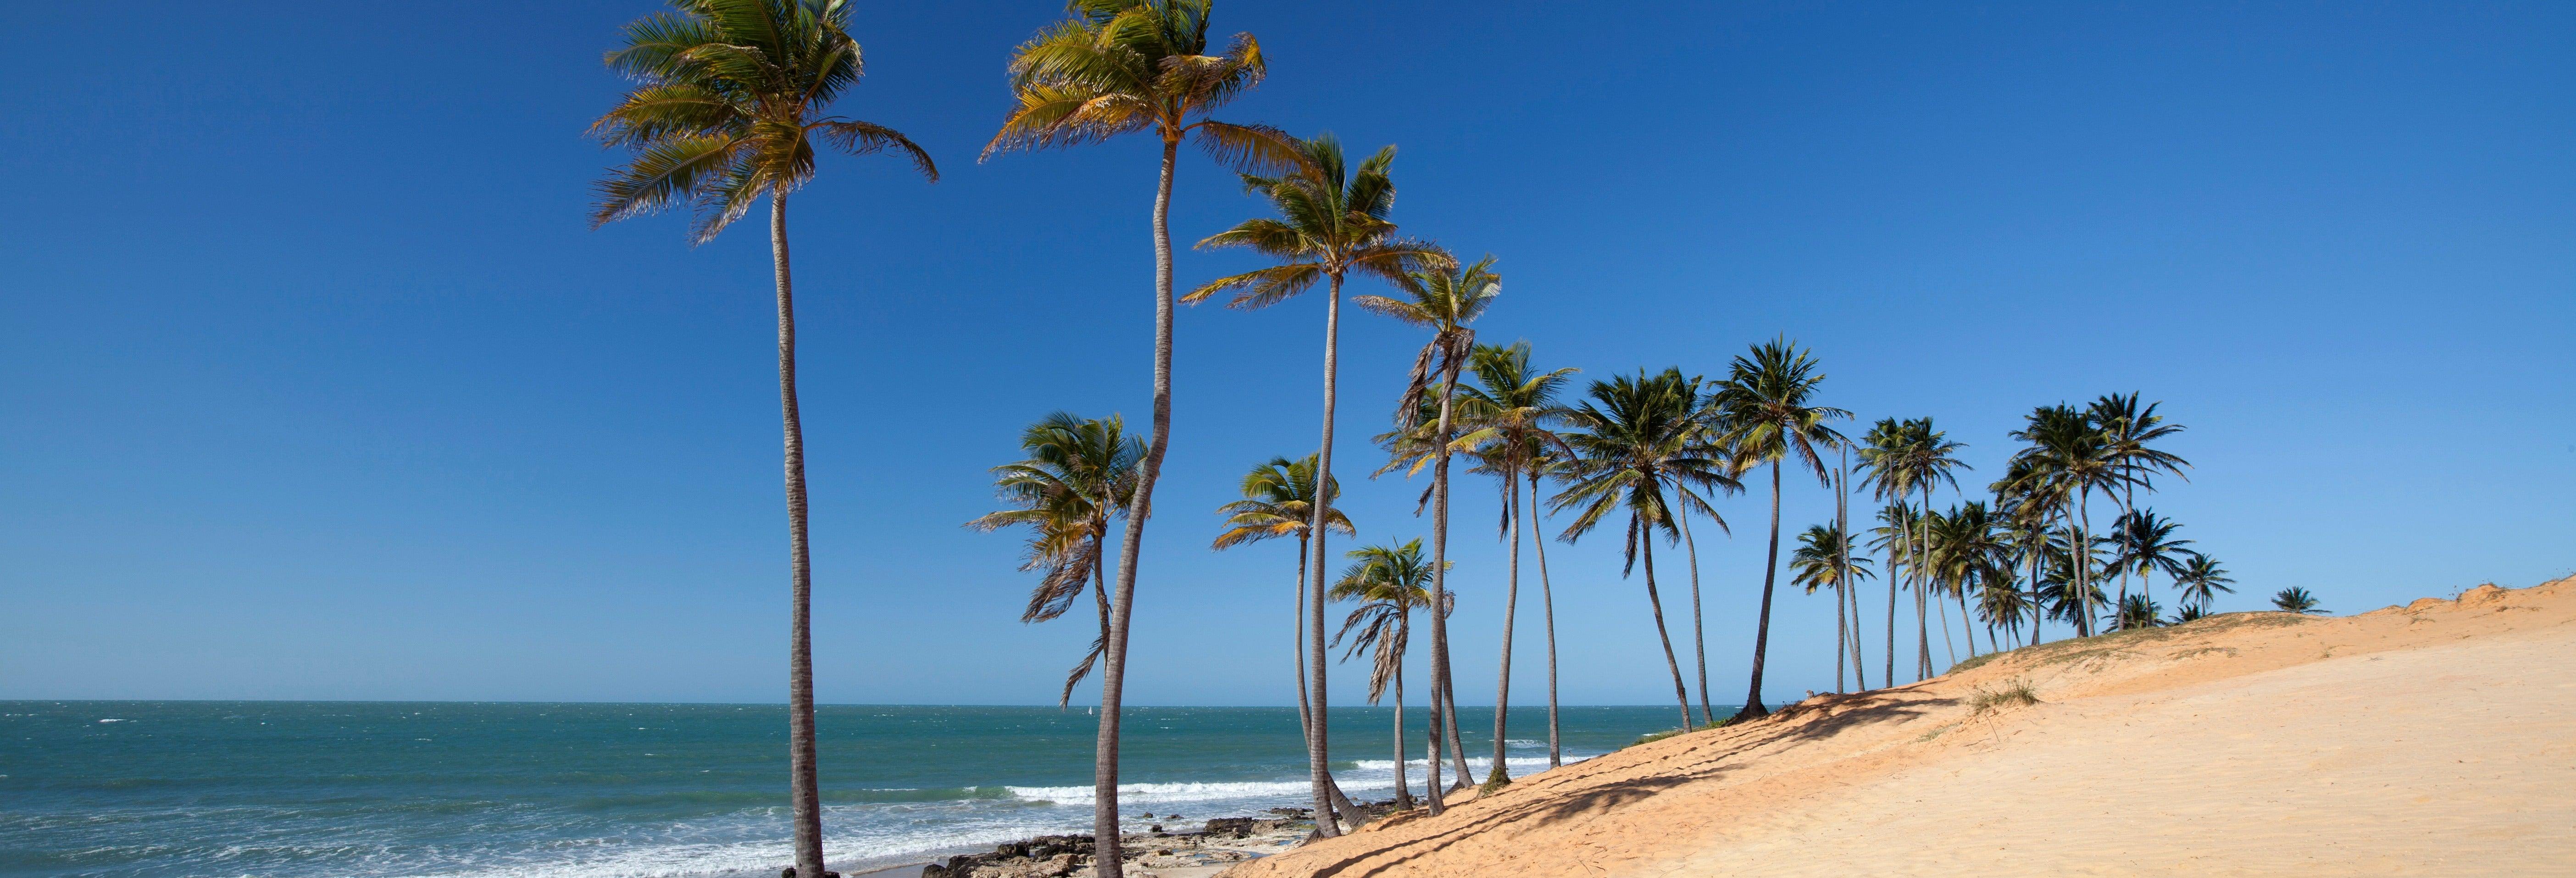 Lagoinha Beach Day Trip